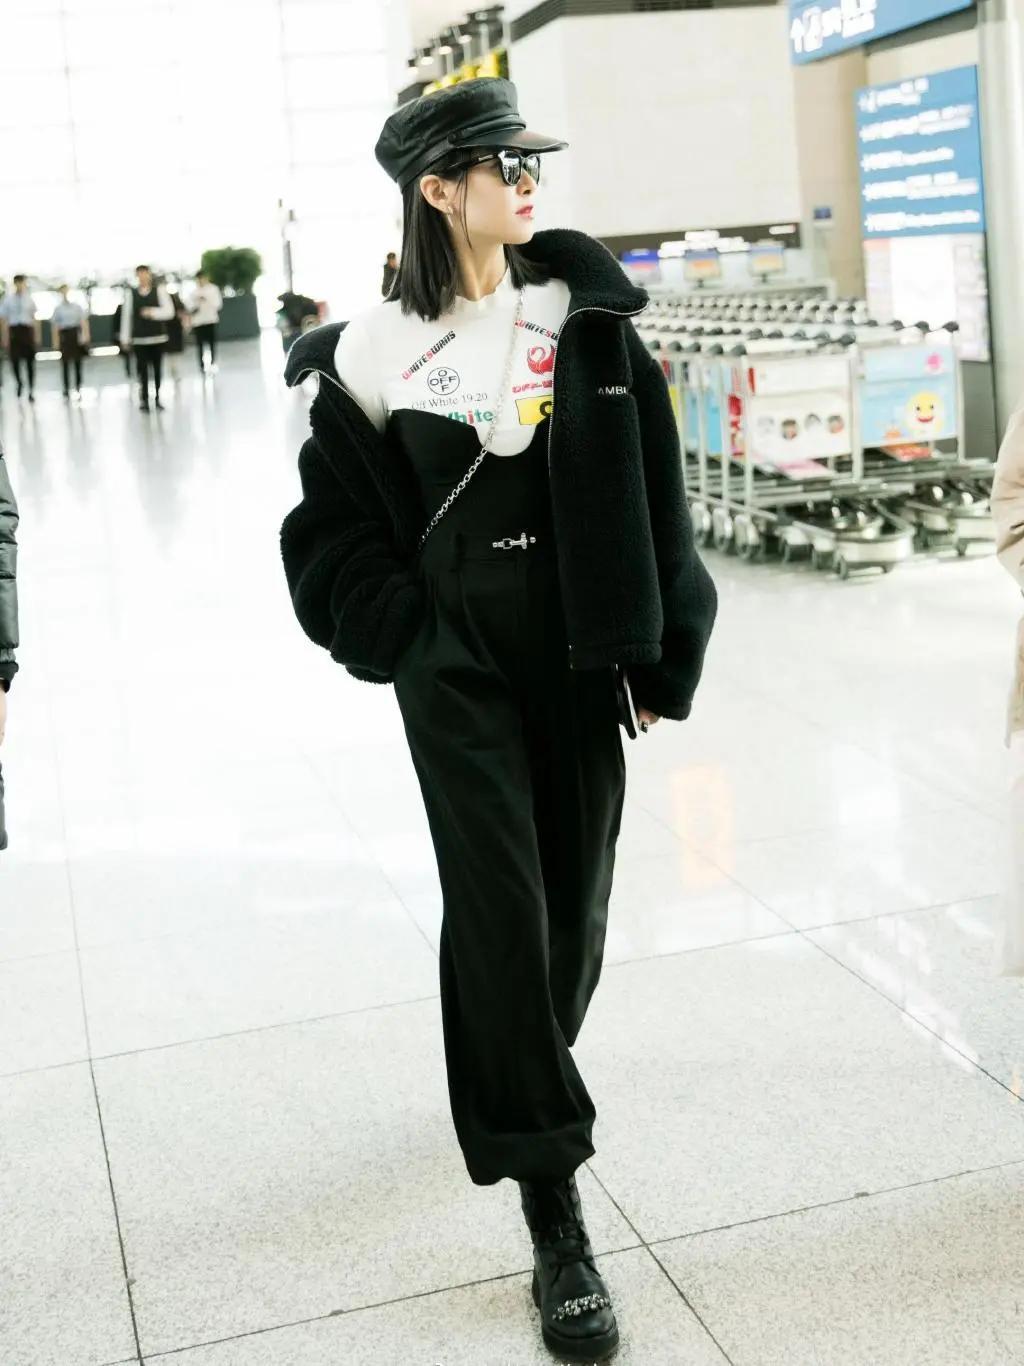 原创             宋茜现身韩国出席活动,露脐装配姜黄阔腿裤,纤细蚂蚁腰实力抢镜